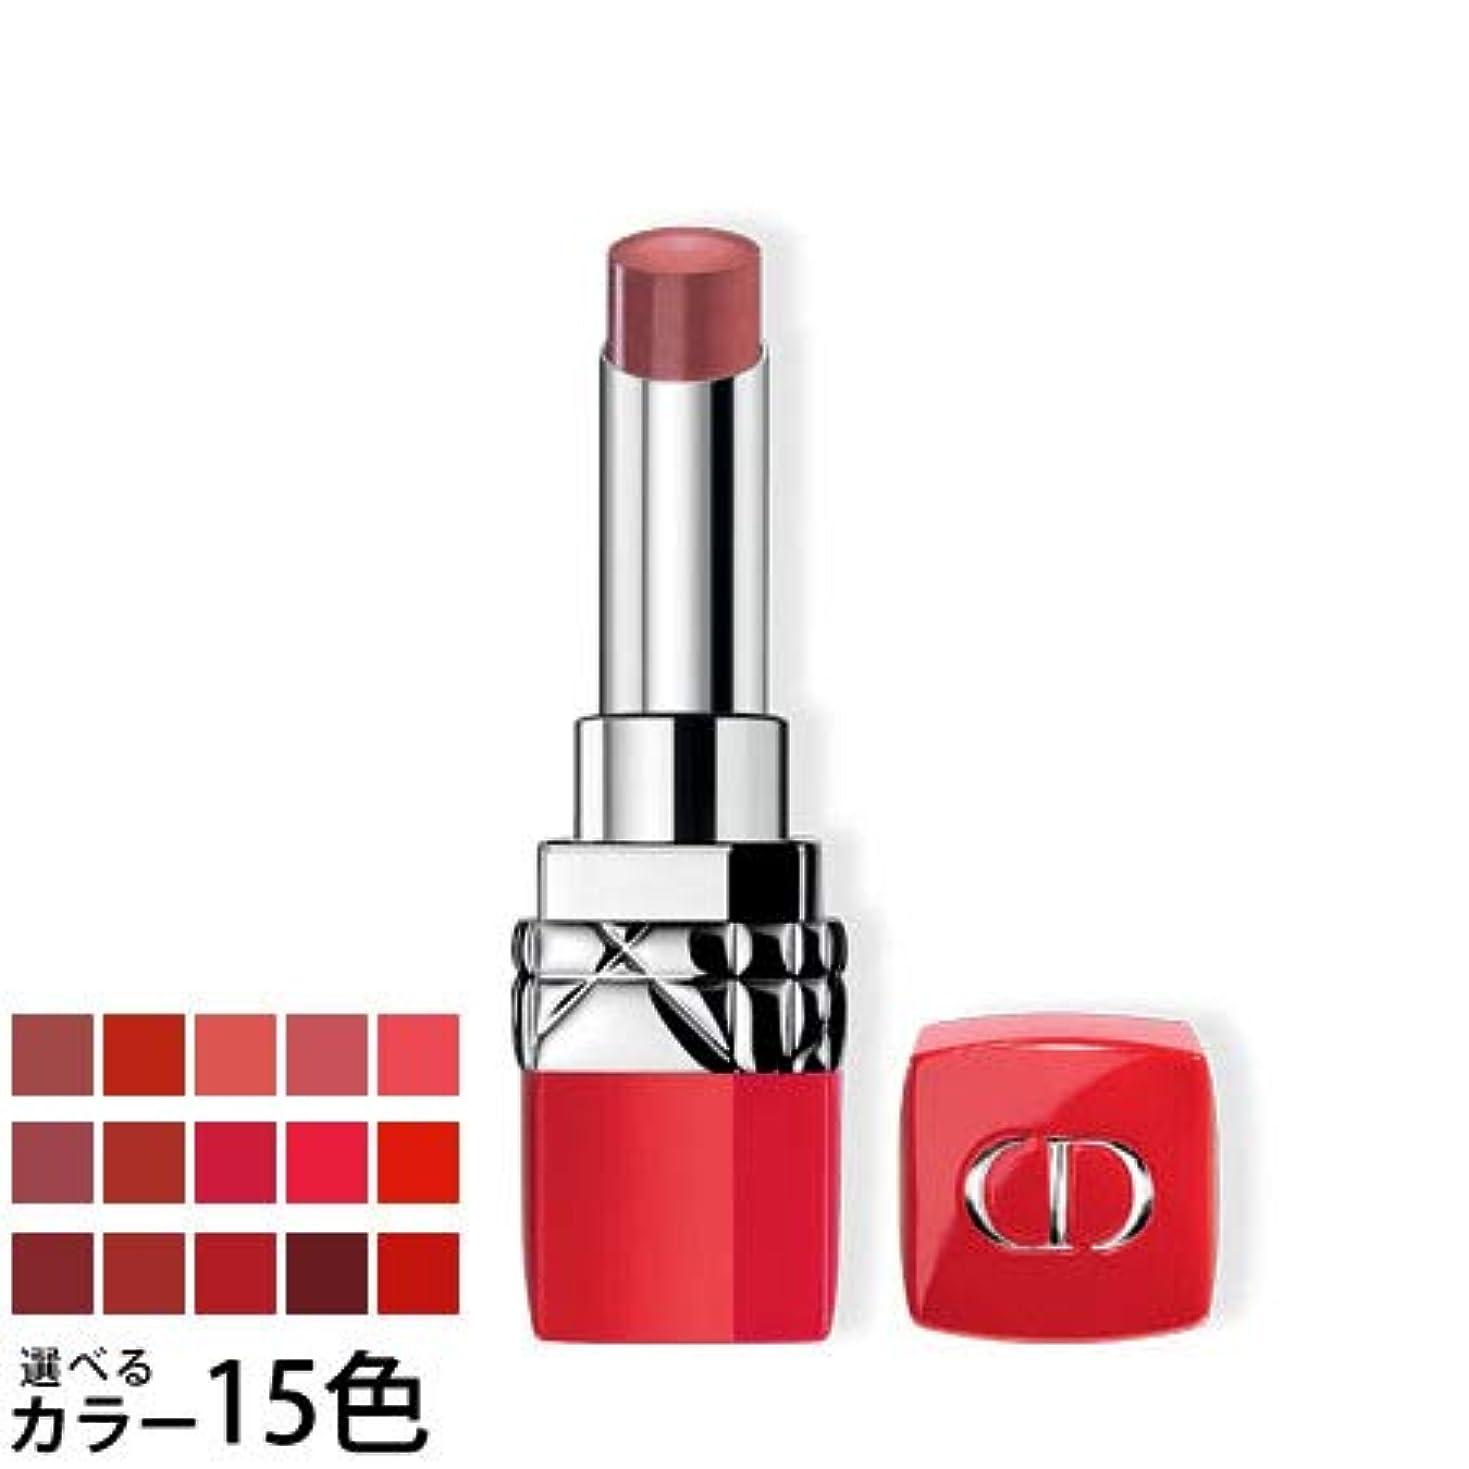 集計それる貫通するディオール ルージュ ディオール ウルトラ ルージュ 選べる15色 -Dior- 555